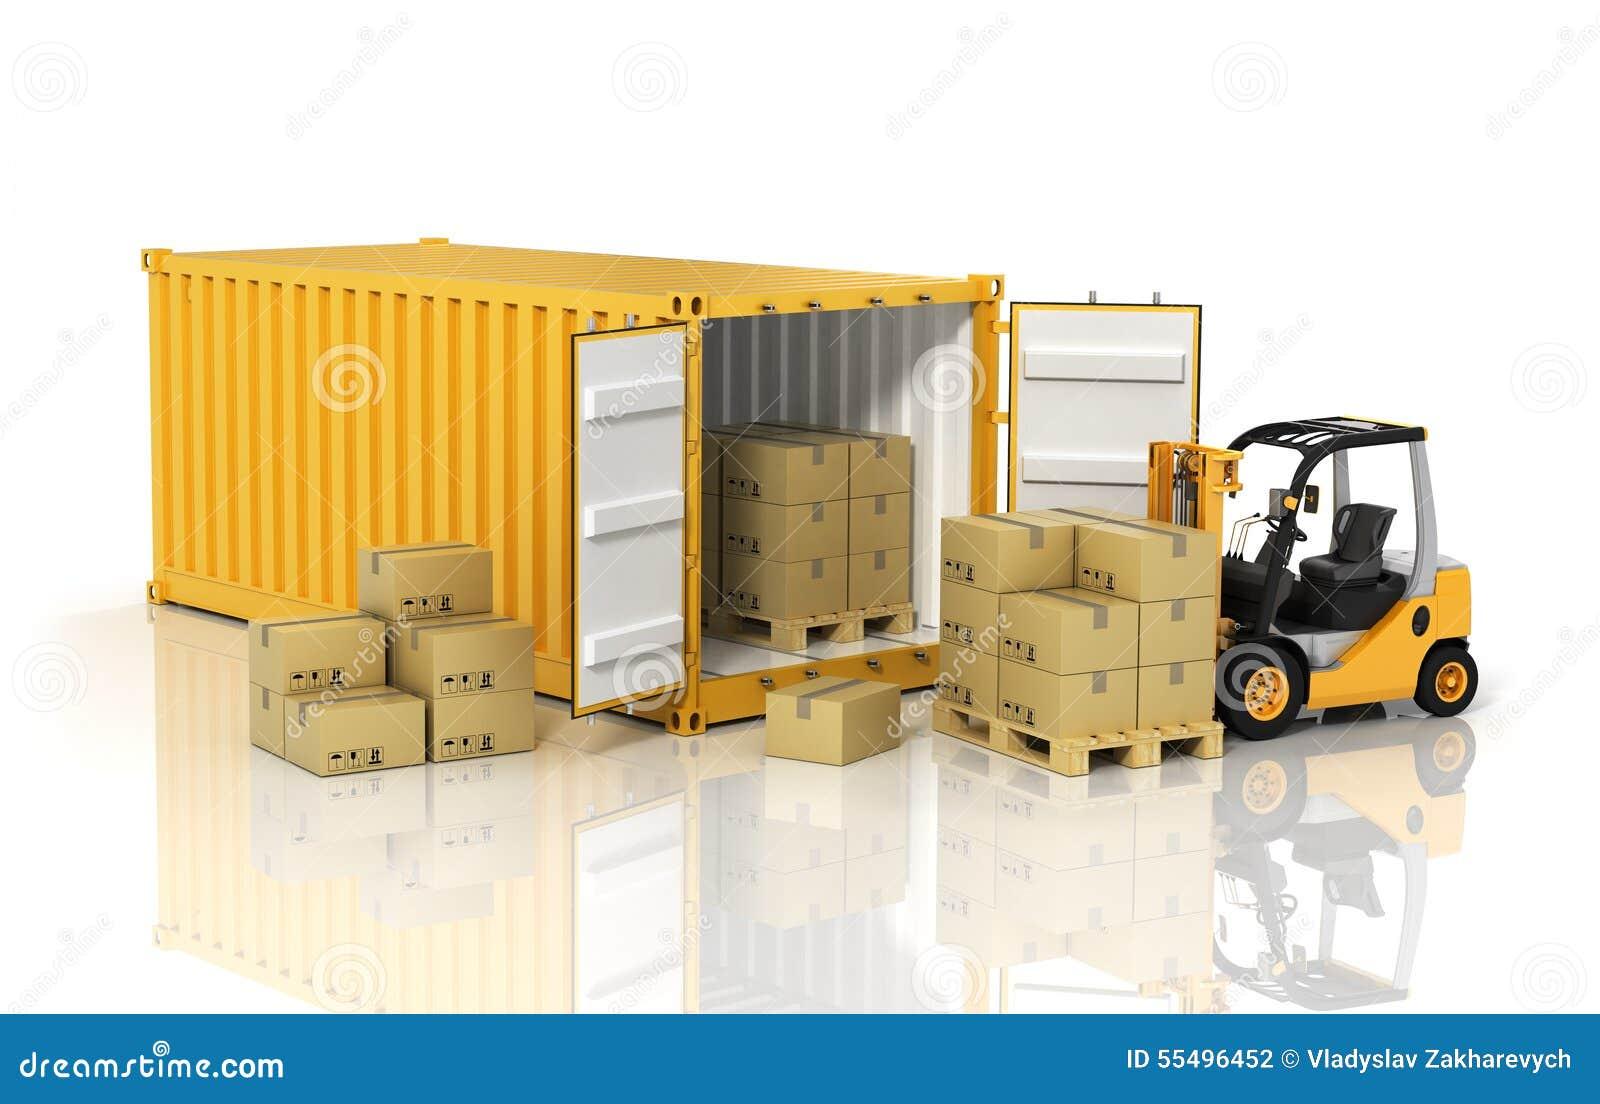 有铲车拿着纸板bo的堆货机装载者的打开容器